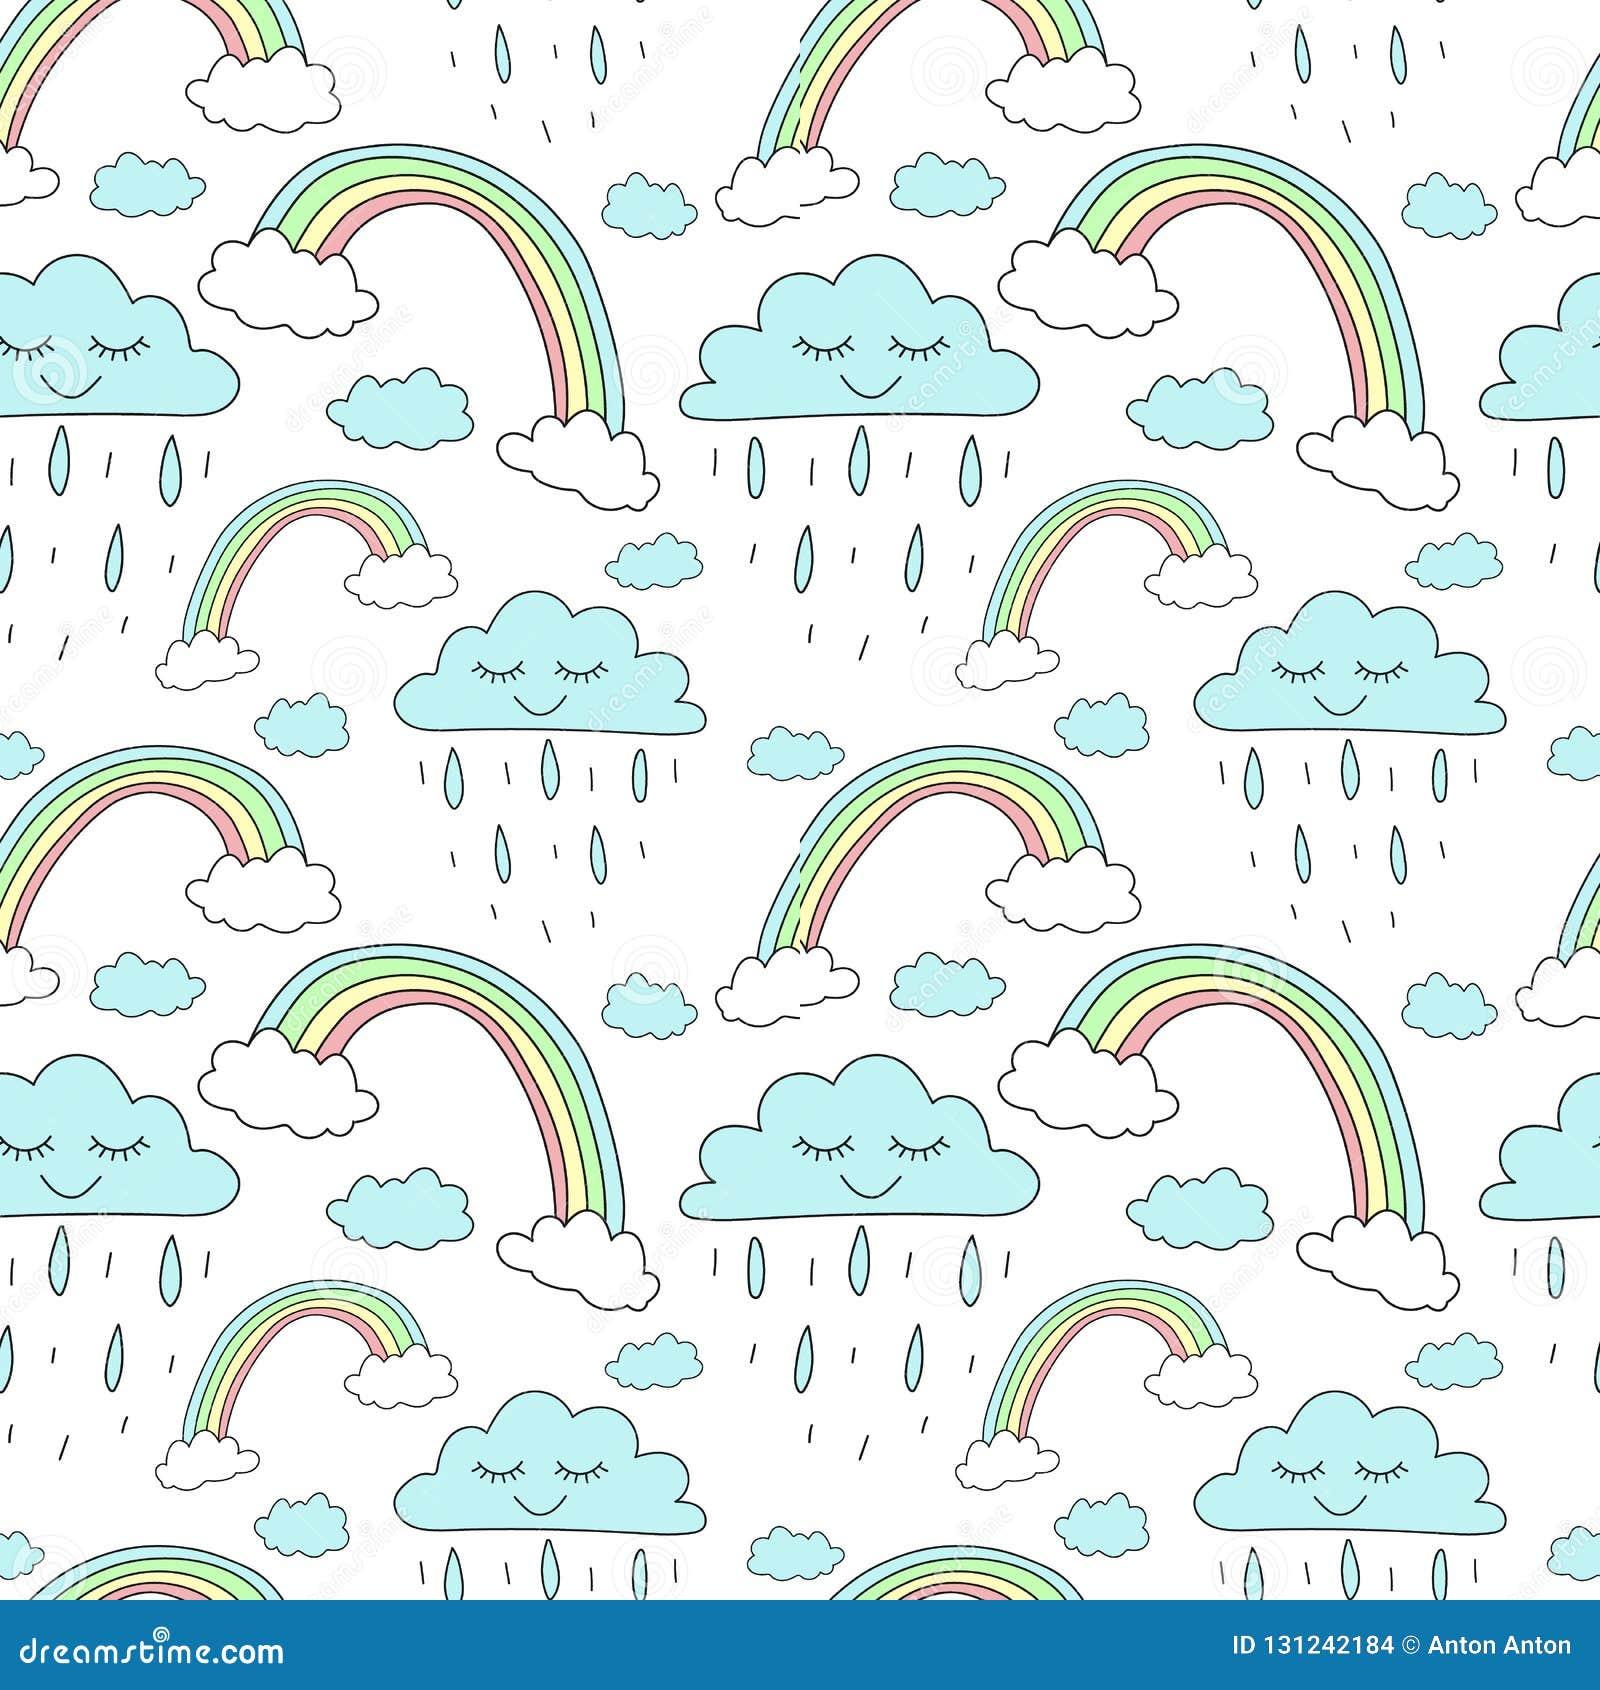 Naadloos patroon van hand-drawn regenbogen en wolken met regen Vectorachtergrondafbeelding voor vakantie, babydouche, eenhoorndru